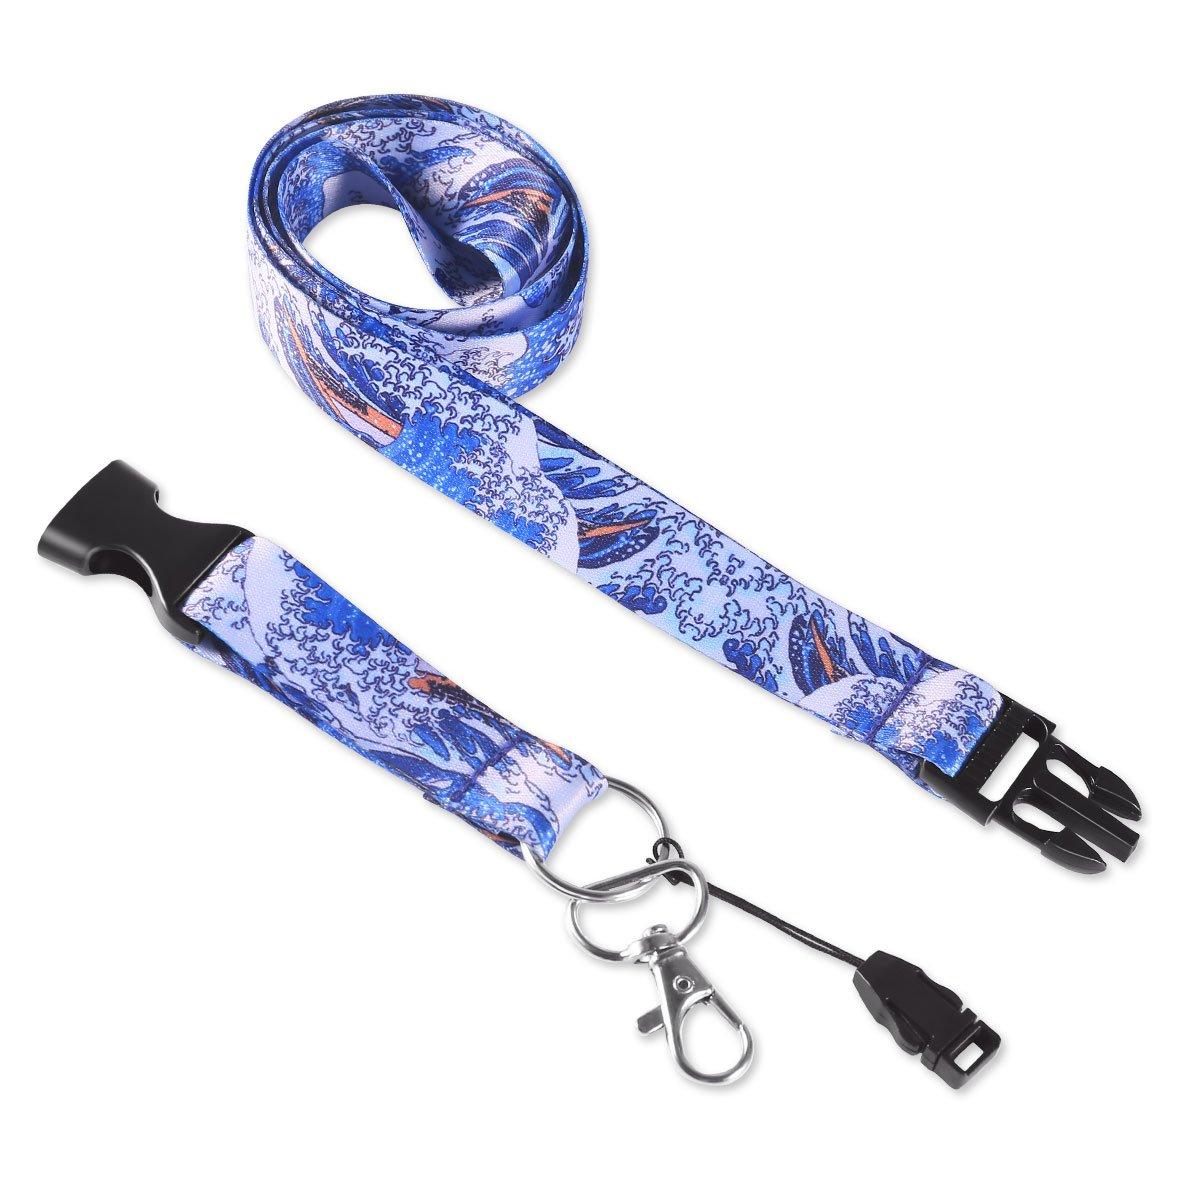 Premium laccetto con apertura per chiavi Dealikee cordini bright Waves cordino con fibbia e anello di metallo porta badge.